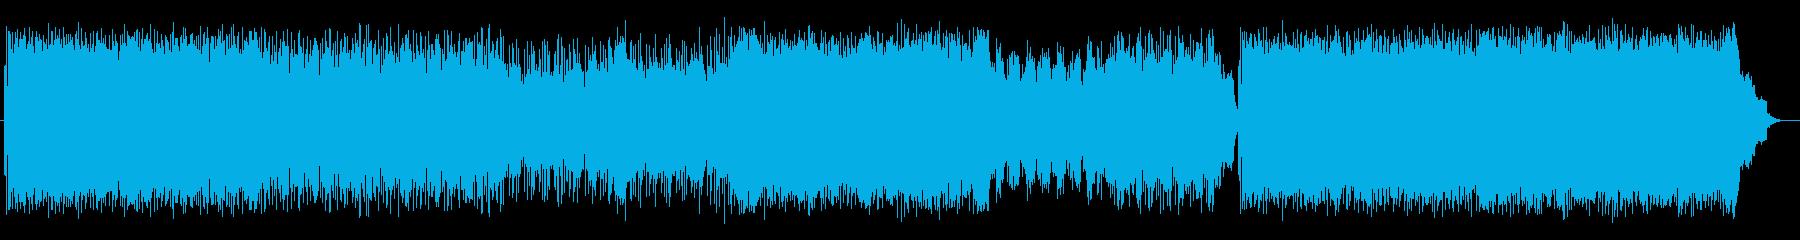 走り抜けるようなドラムが特徴のロックの再生済みの波形